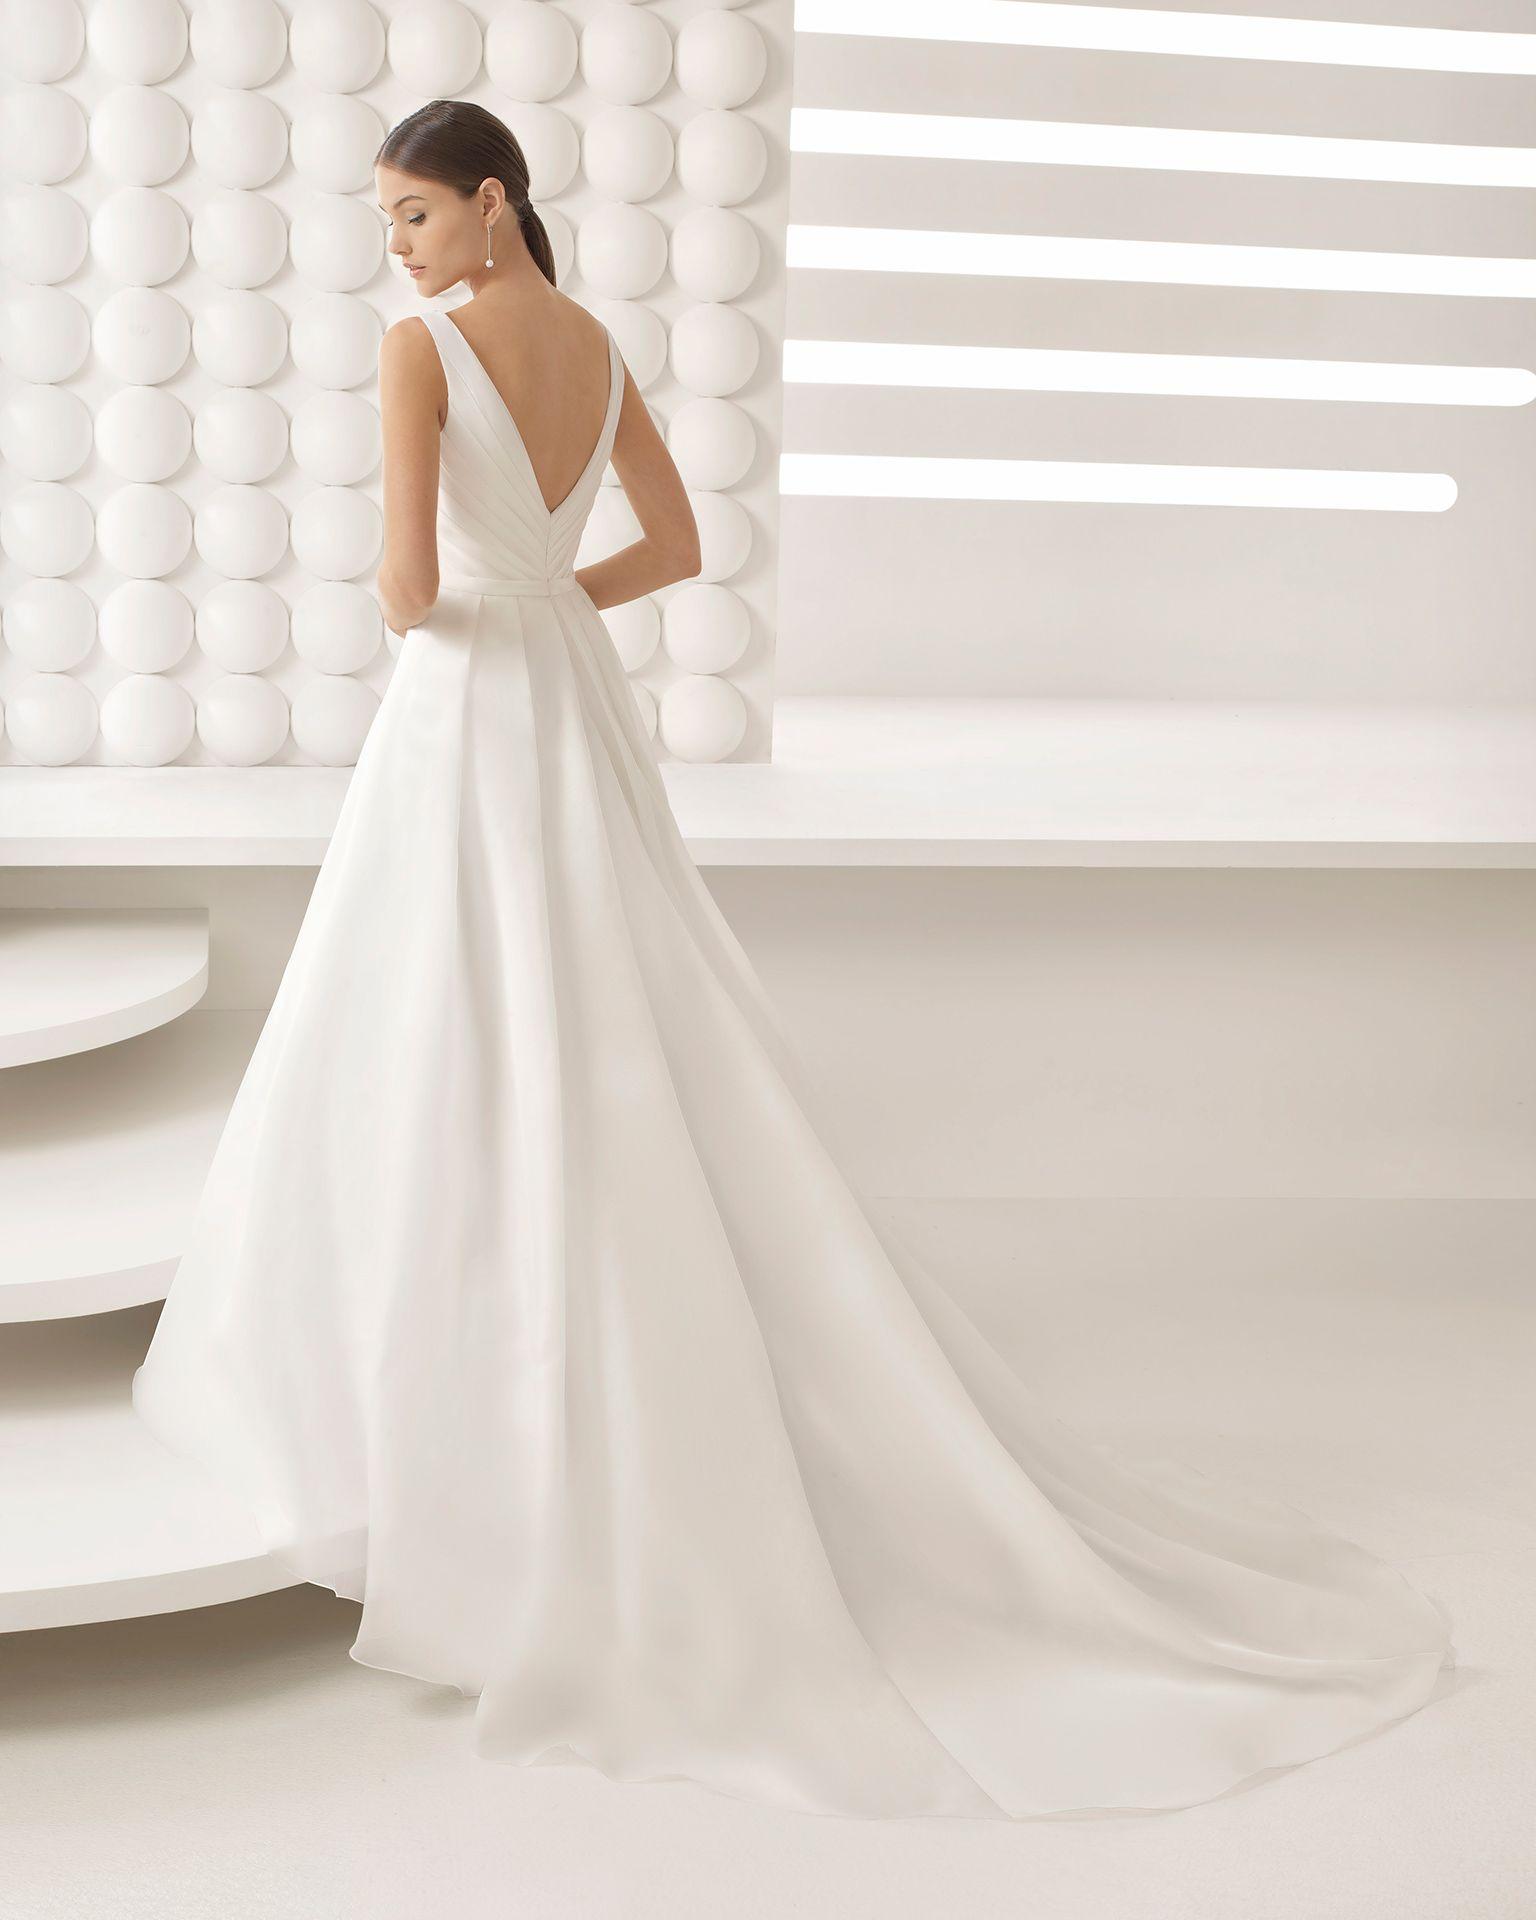 Ziemlich Vestido Novia Clasico Bilder - Hochzeit Kleid Stile Ideen ...